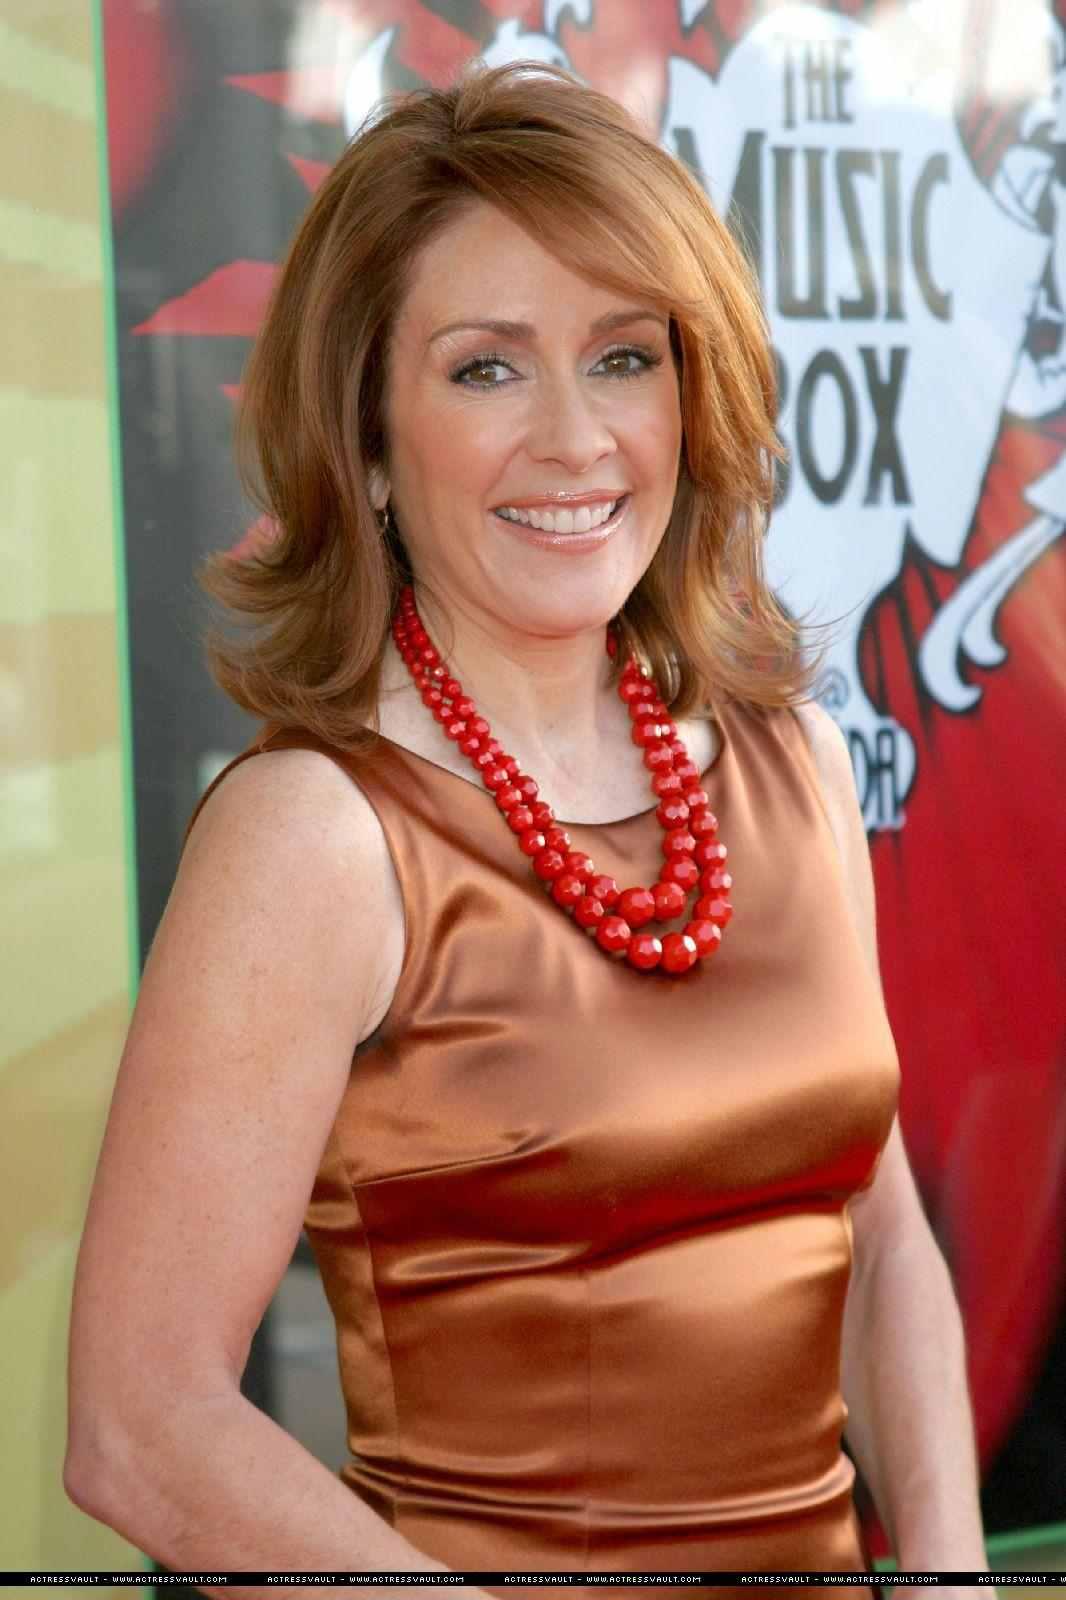 Patricia Heaton born March 4, 1958 (age 60)